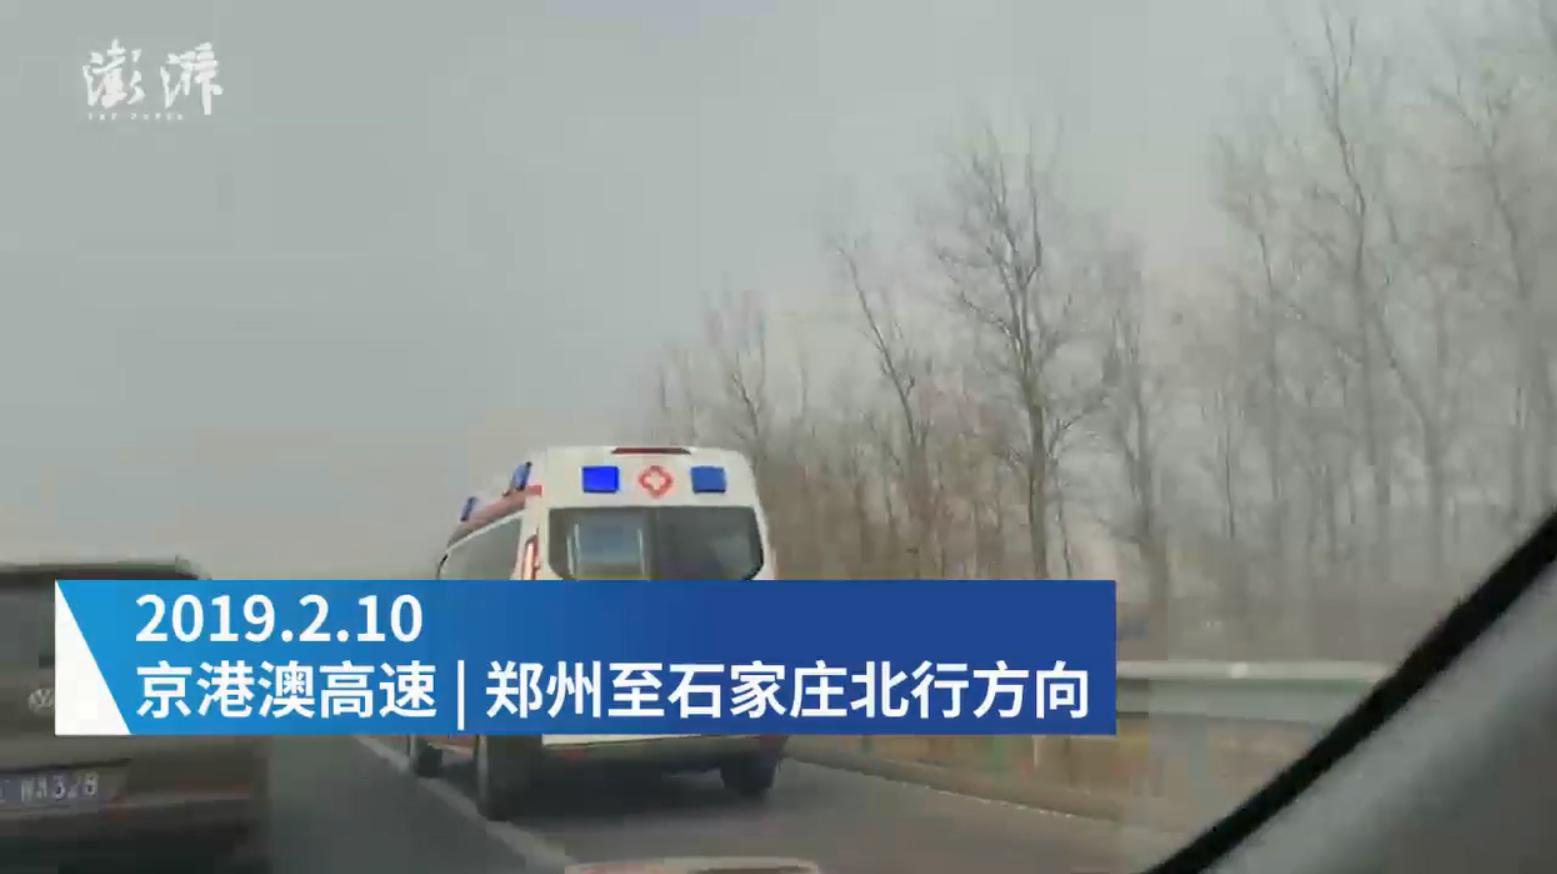 返程高峰私家车占应急道 救护车被逼停这位司机再堵也不能堵那